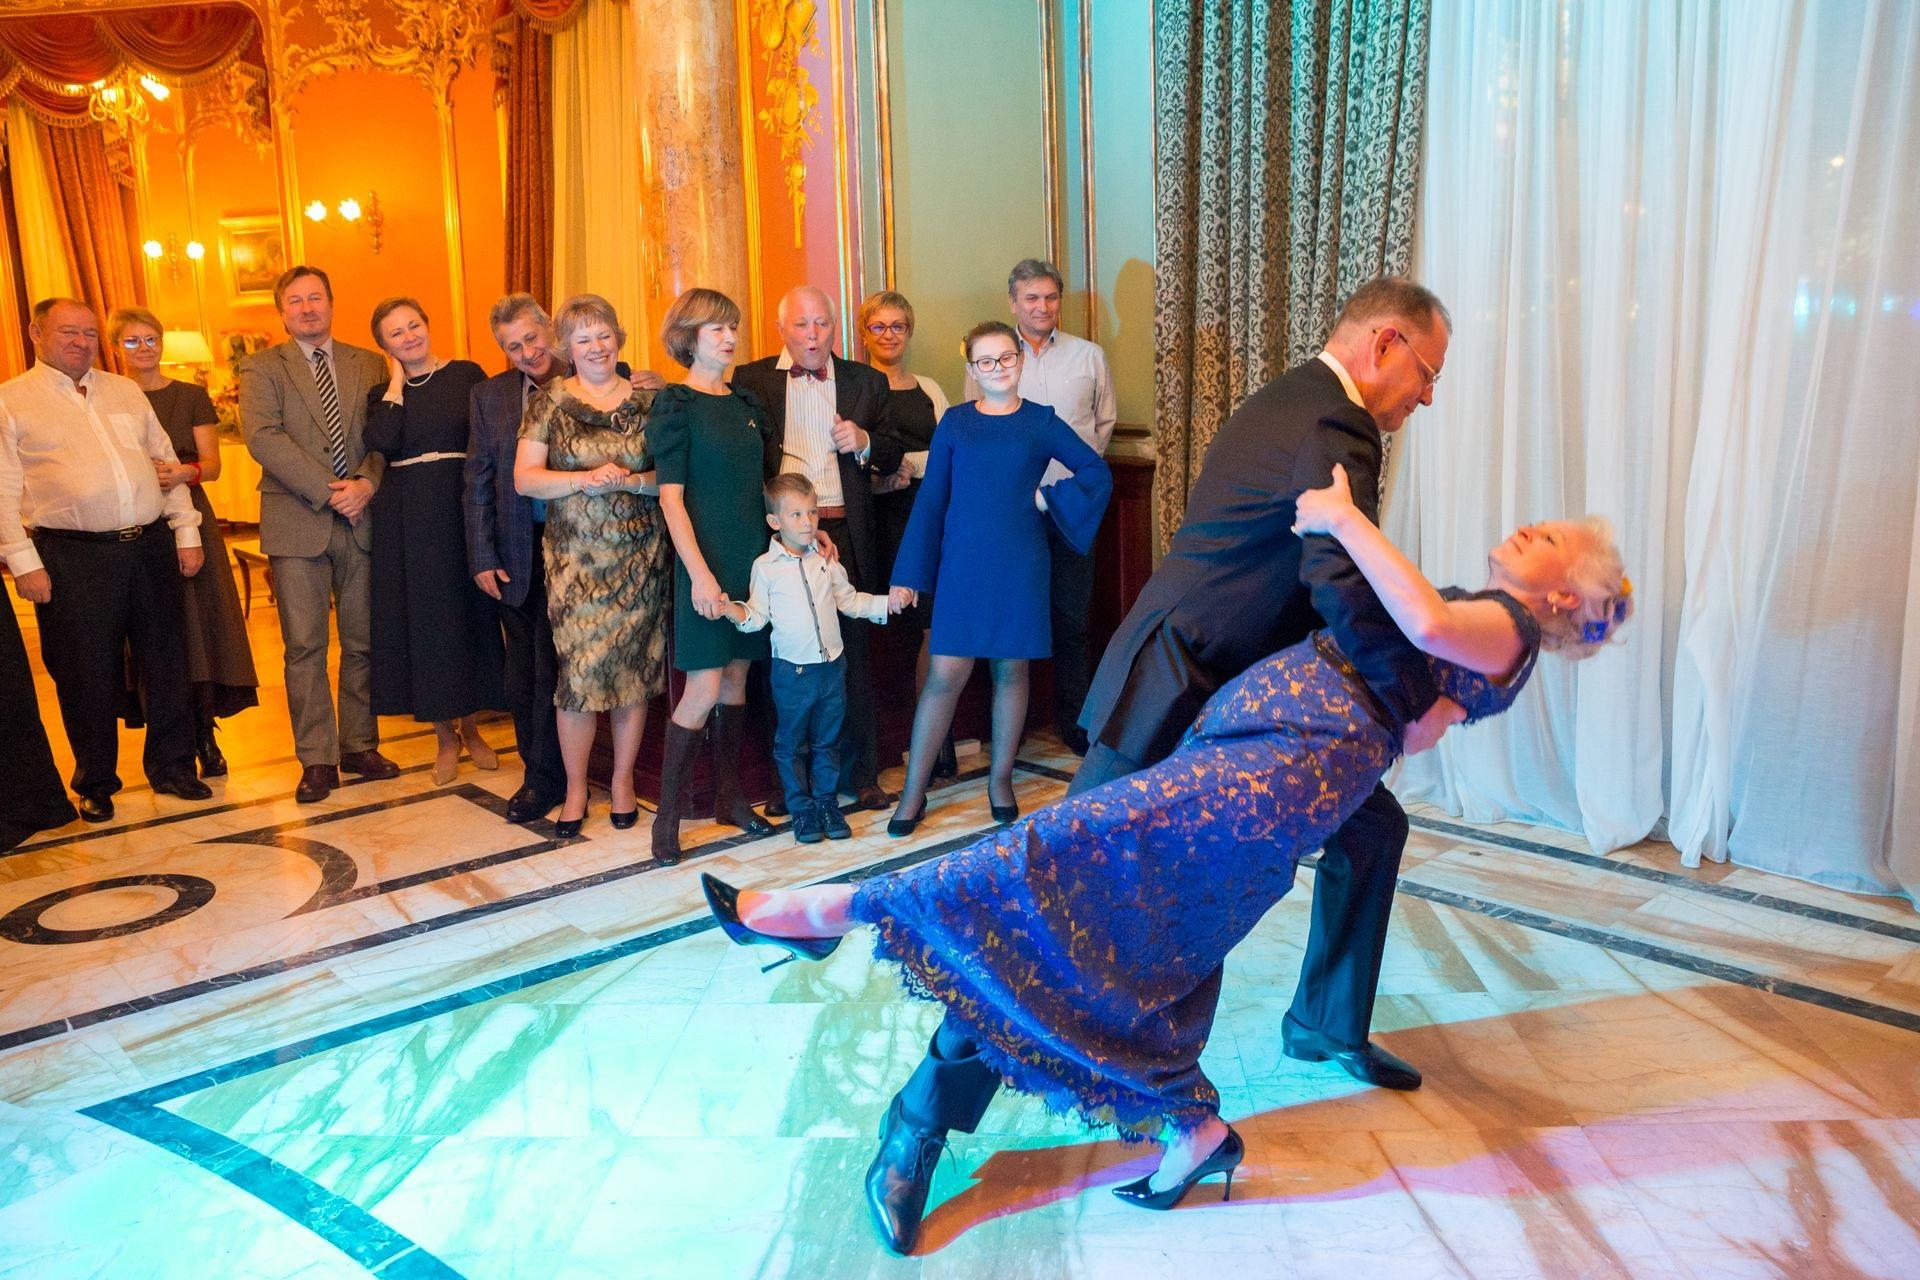 один новое сценарии и поздравлении к юбилеям и свадьбам отделки можно использовать